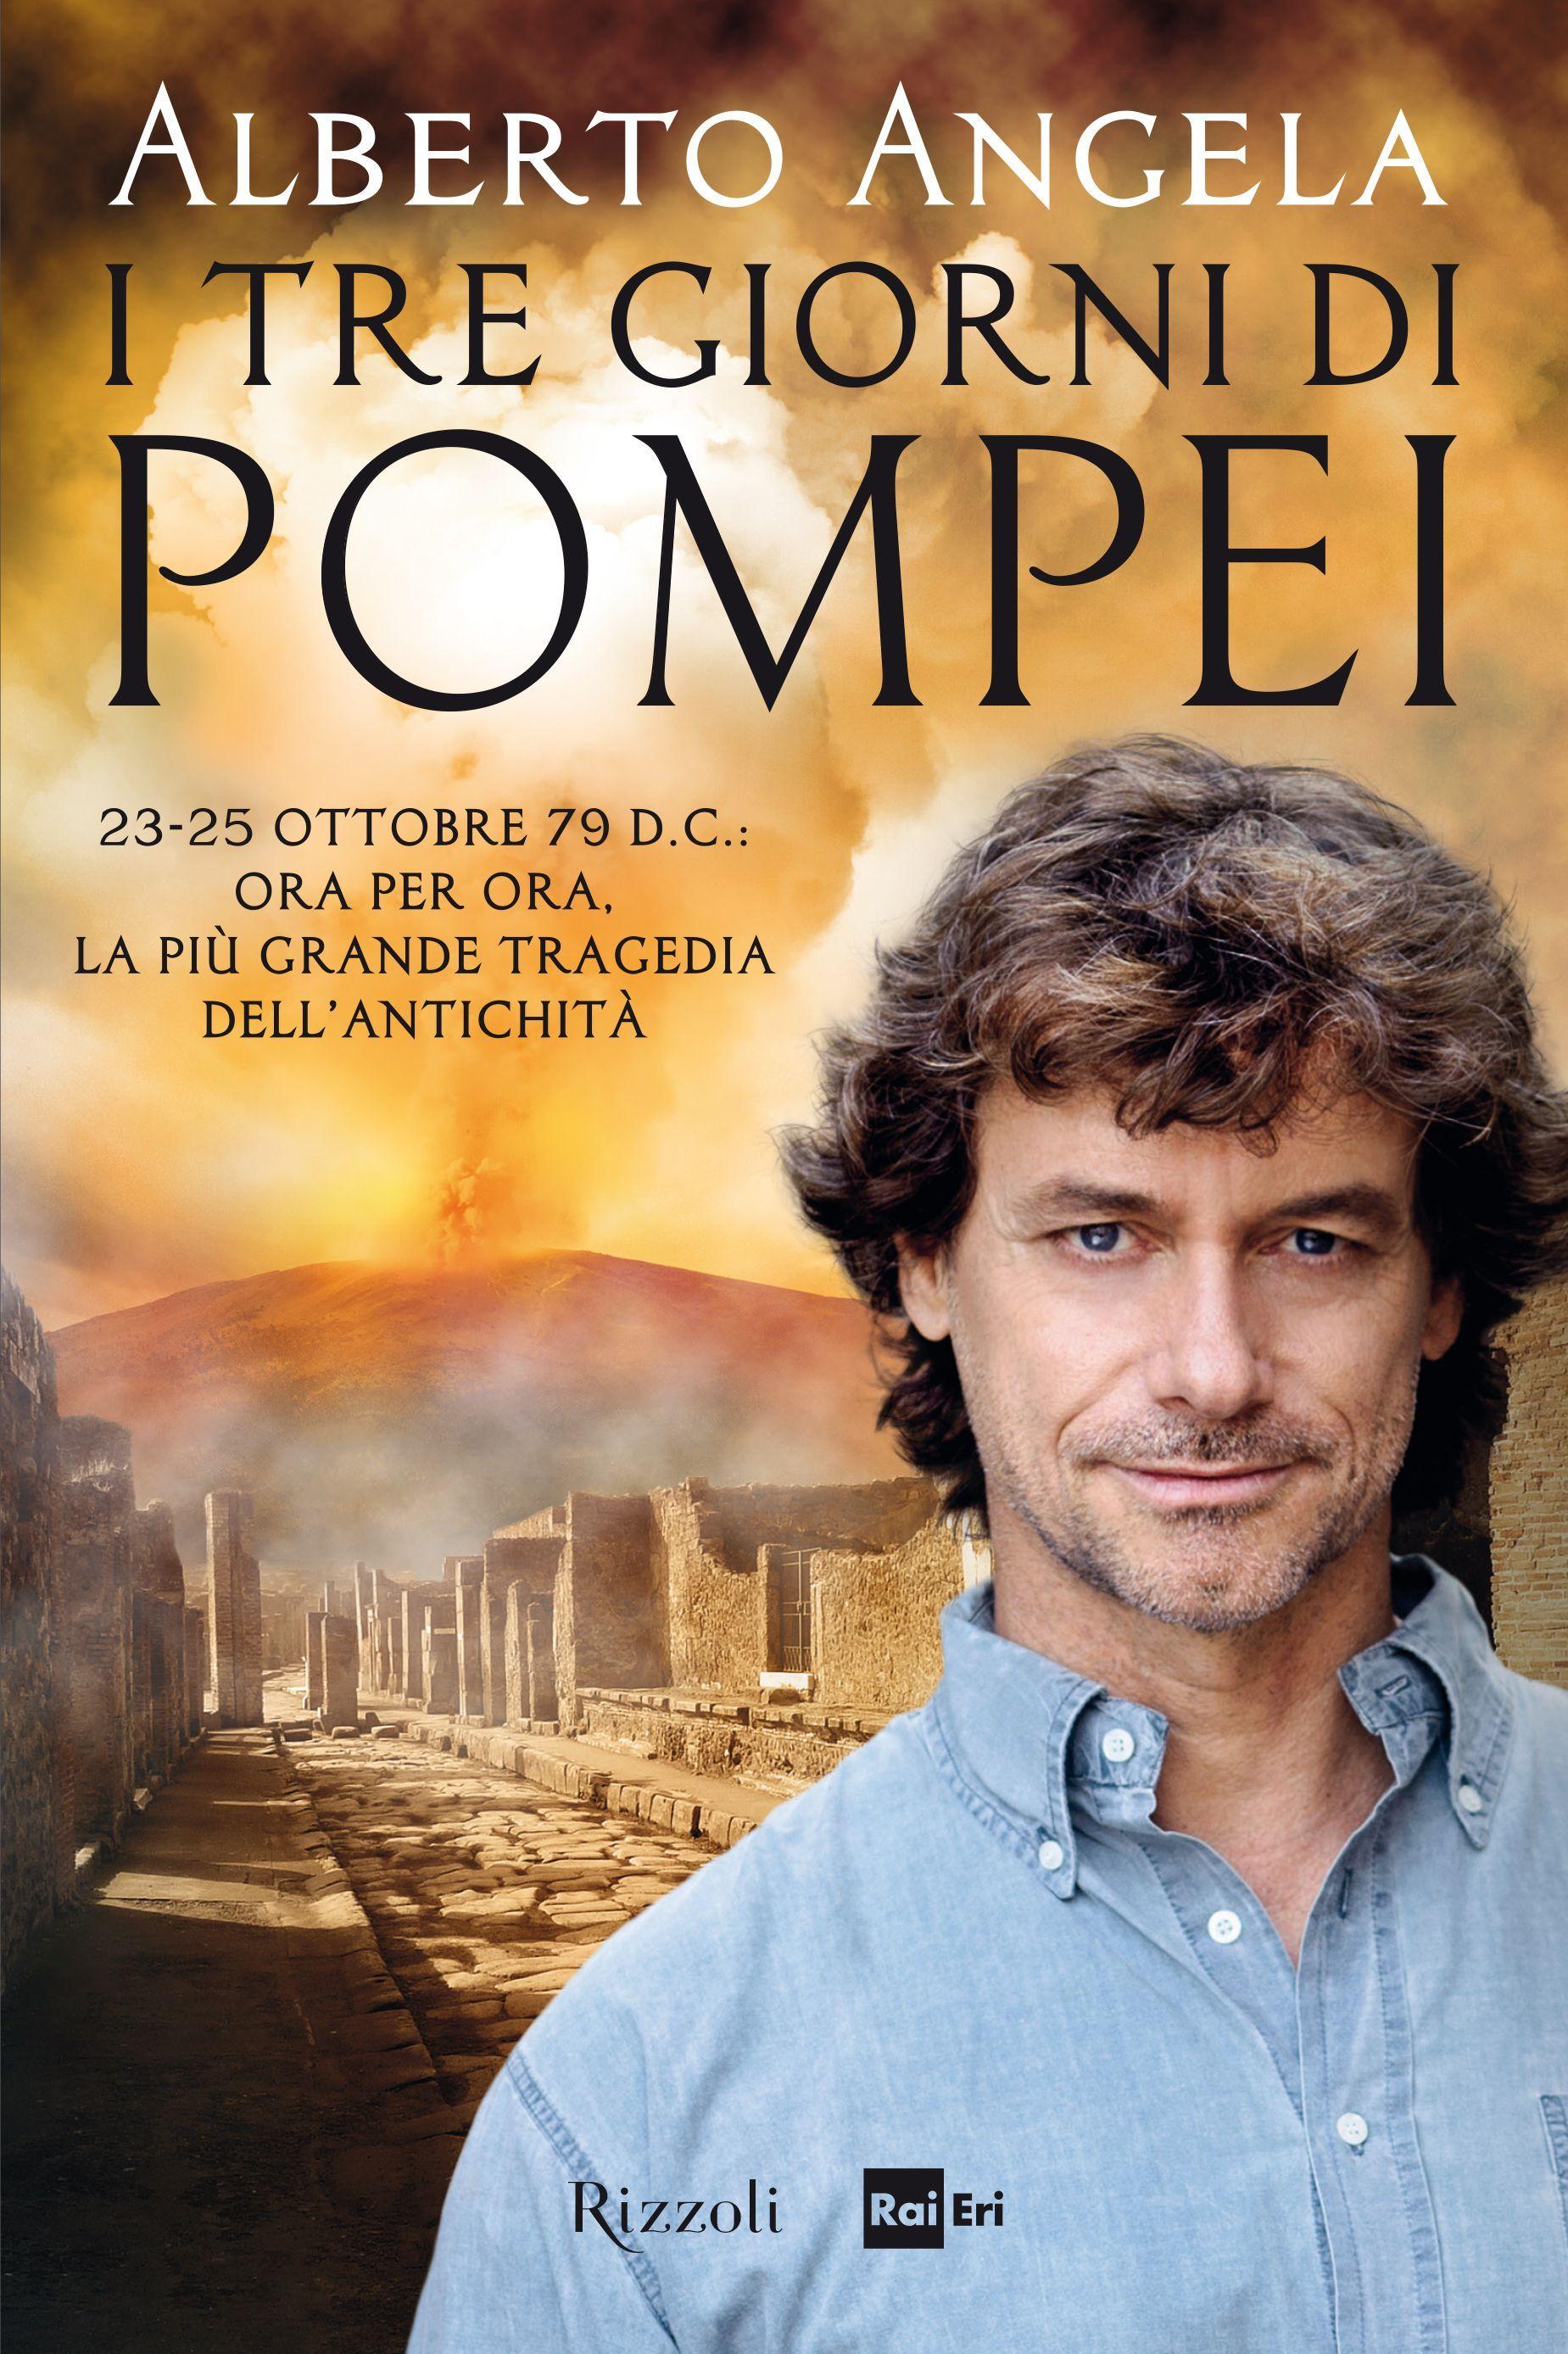 angelaPOMPEI cover